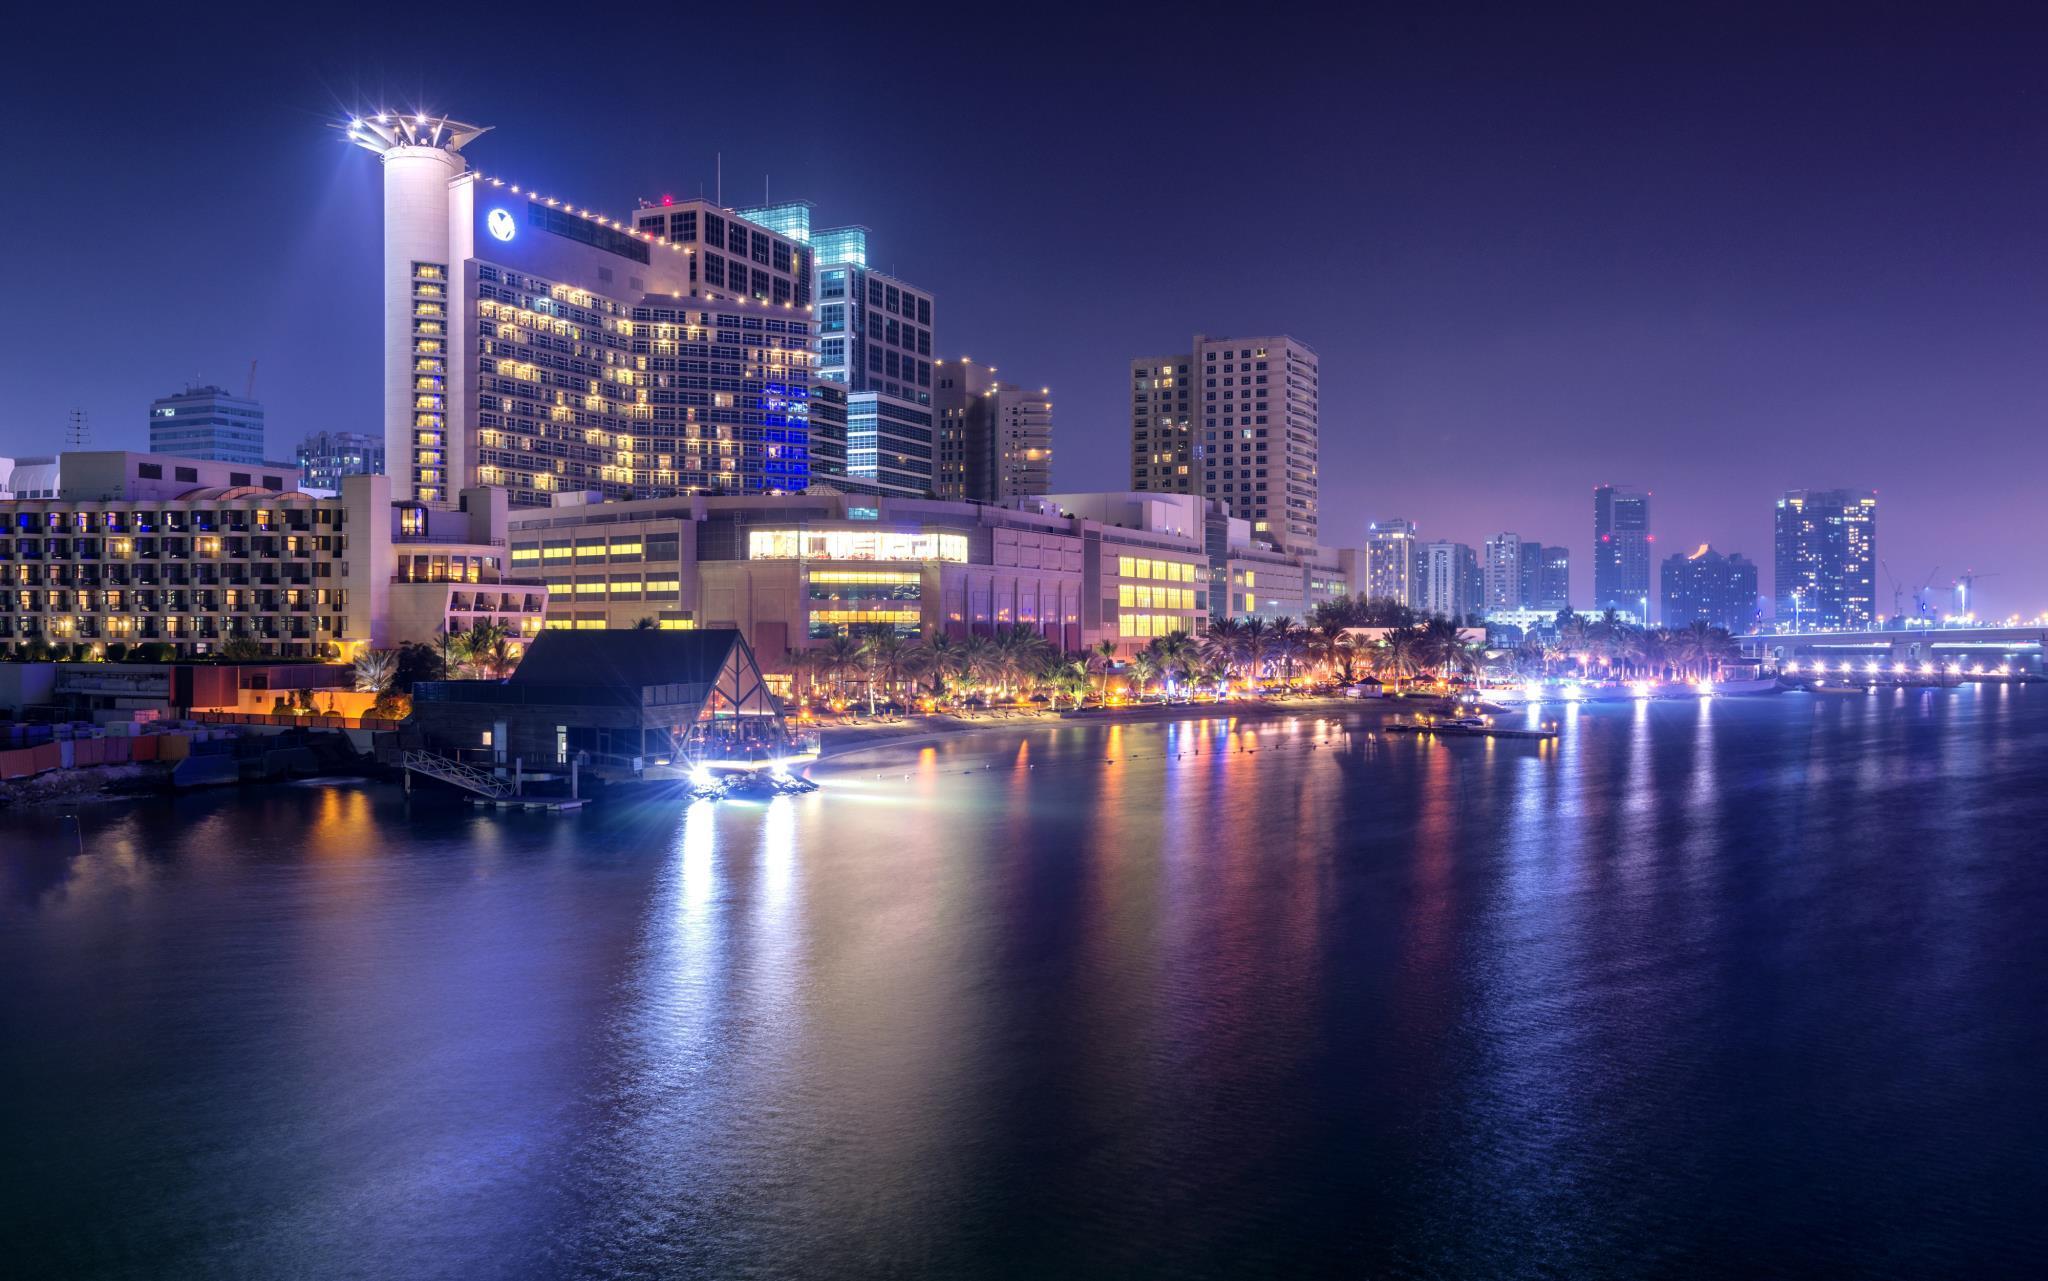 Rotana Hotel Abu Dhabi